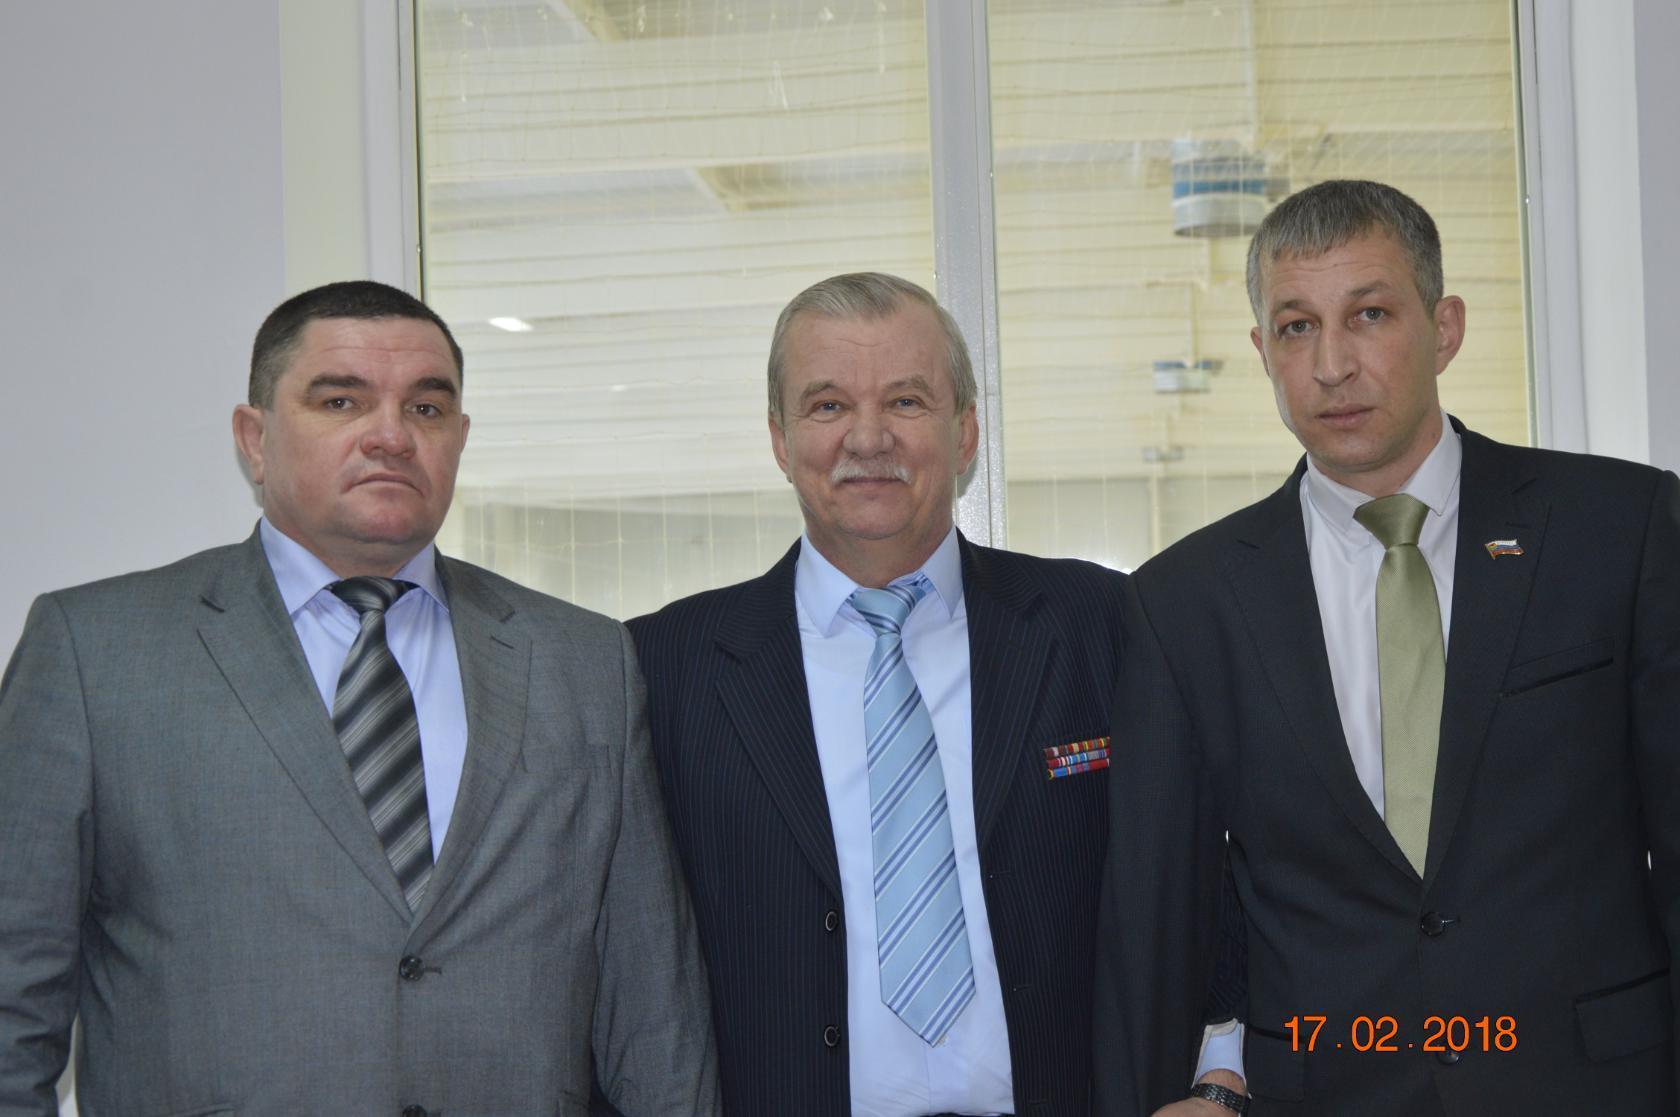 Маленький турнир в Оренбуржье к большим событиям в Стране!